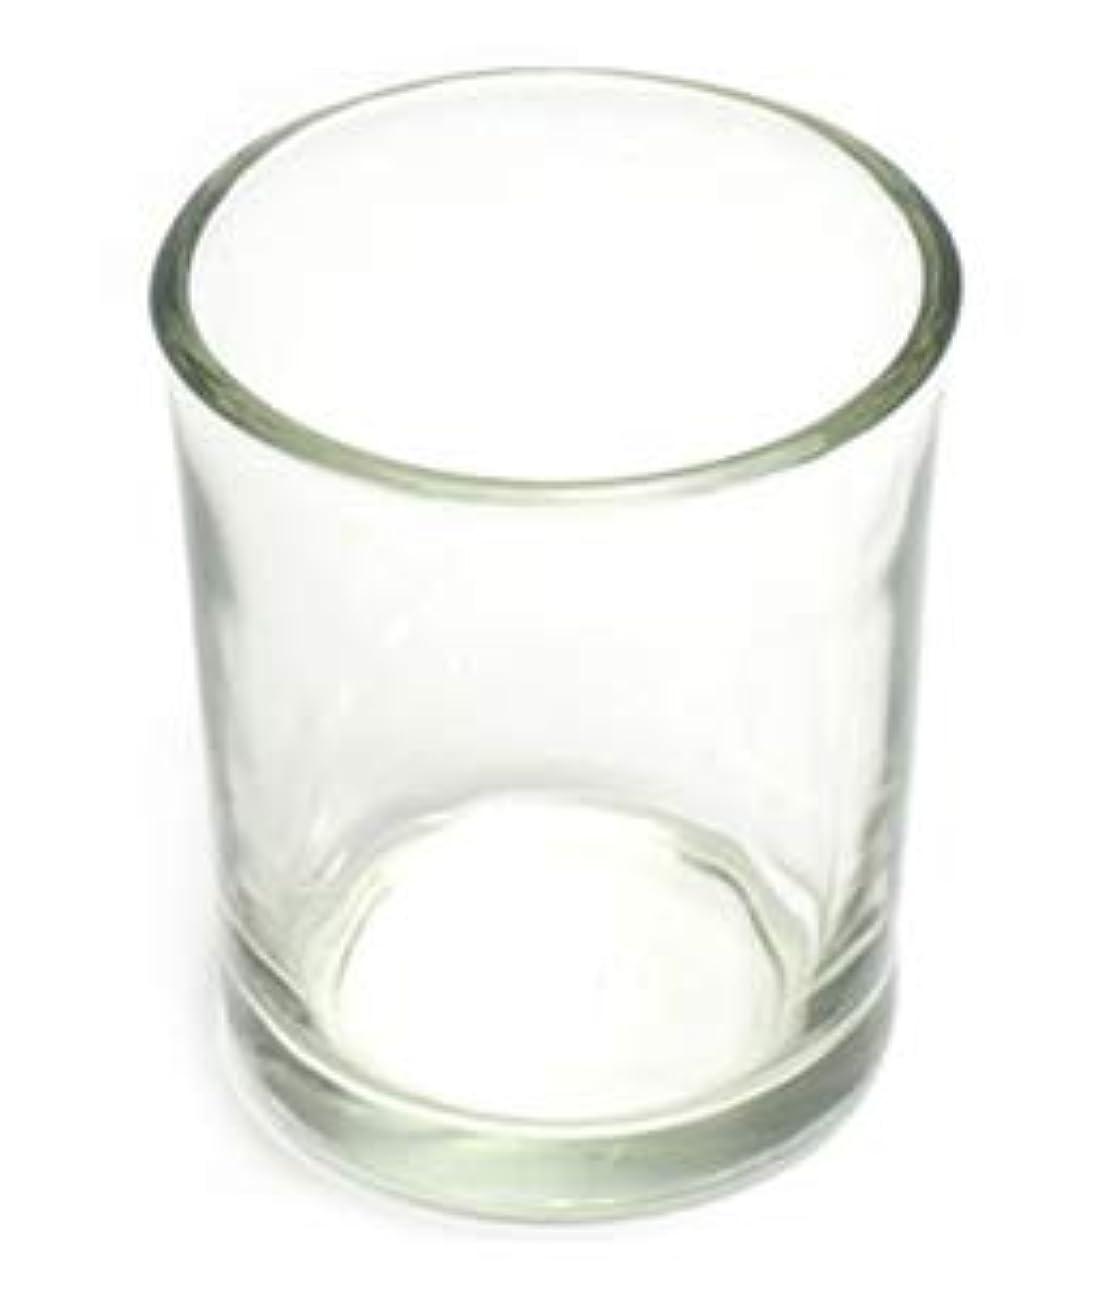 見習い経過サリーキャンドルホルダー ガラス シンプル[小] 1個 キャンドルスタンド 透明 クリア おしゃれ ろうそく立て